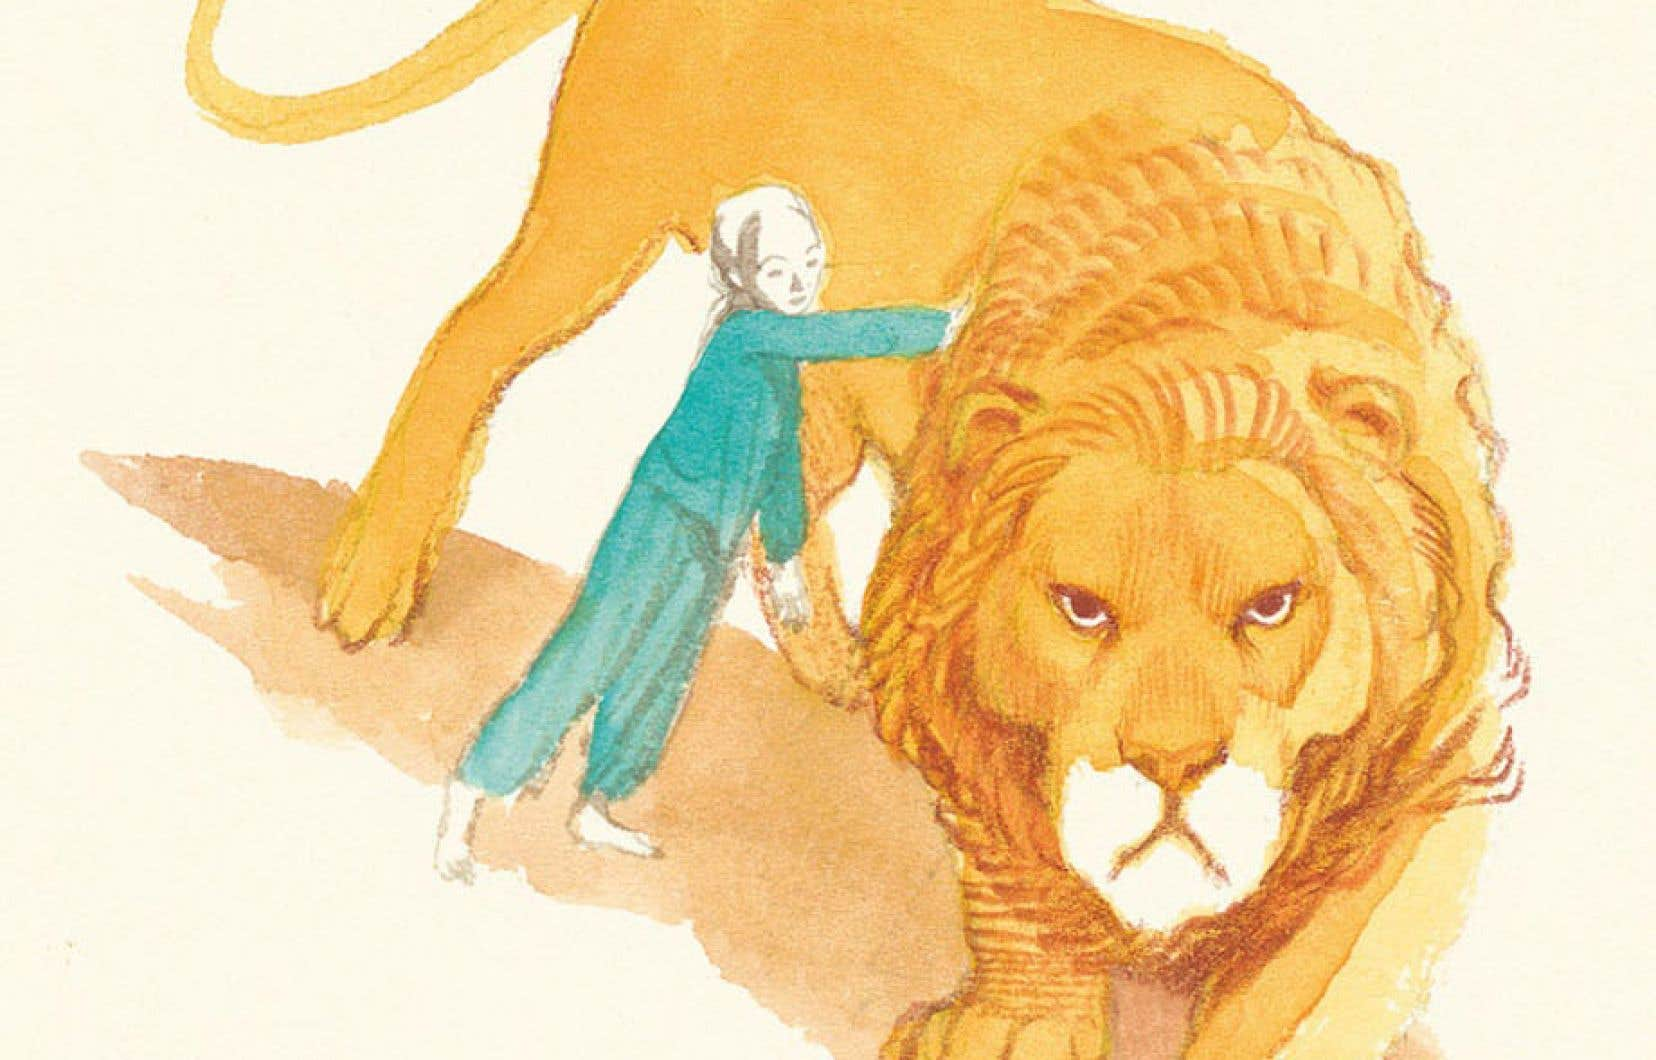 «Le lion de Jacob» plonge le lecteur dans un univers métaphorique et symbolique, là où texte et images suggèrent plus qu'ils ne disent, transportent plus qu'ils ne dirigent ou, pire, confinent.